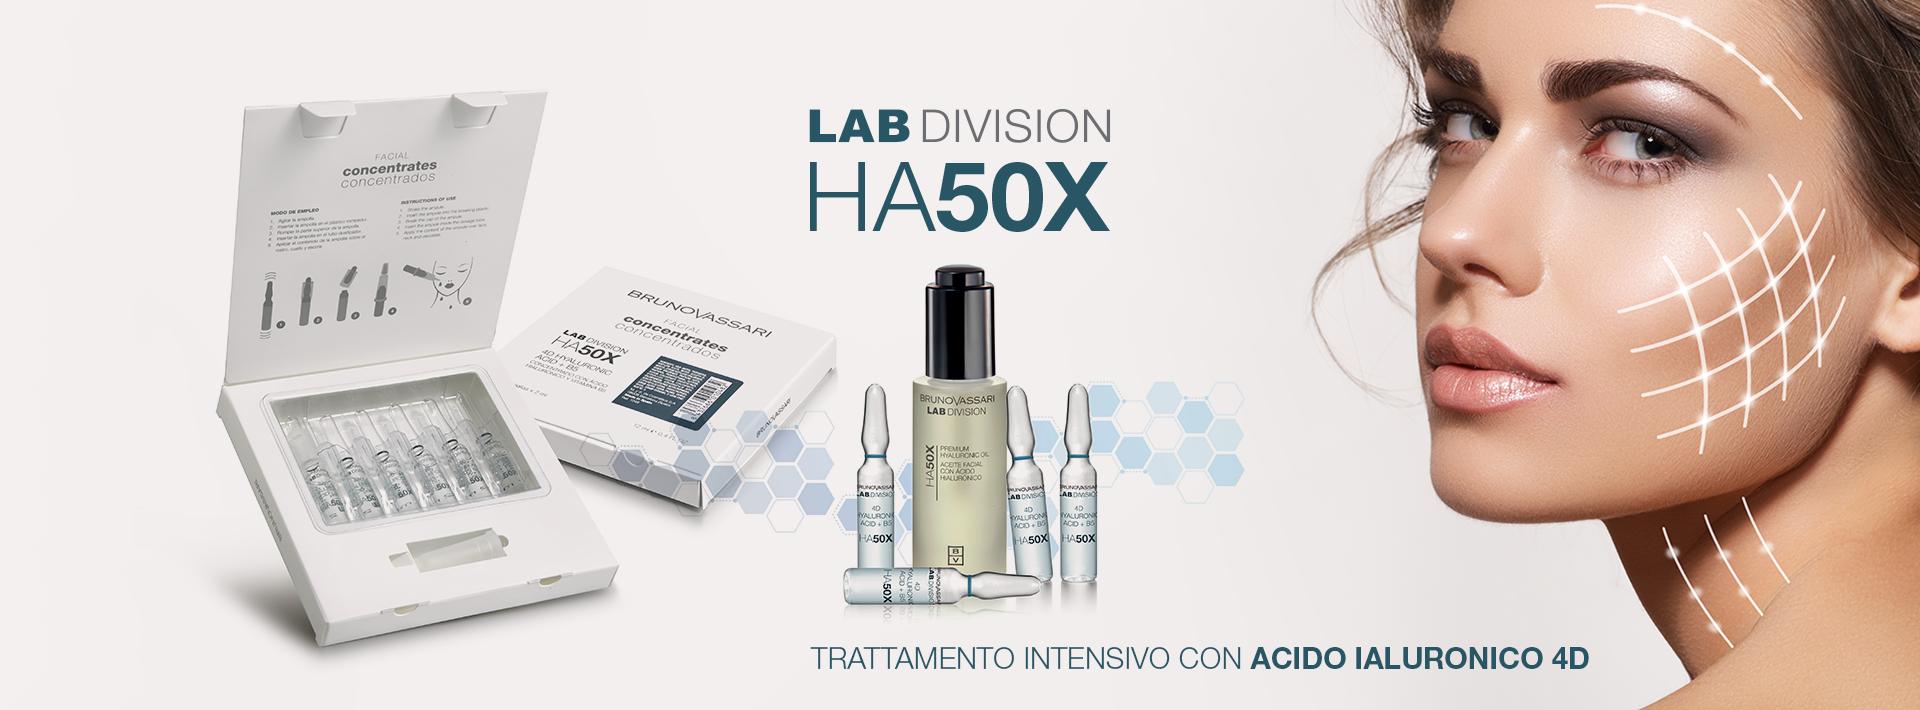 ha50x-new2019